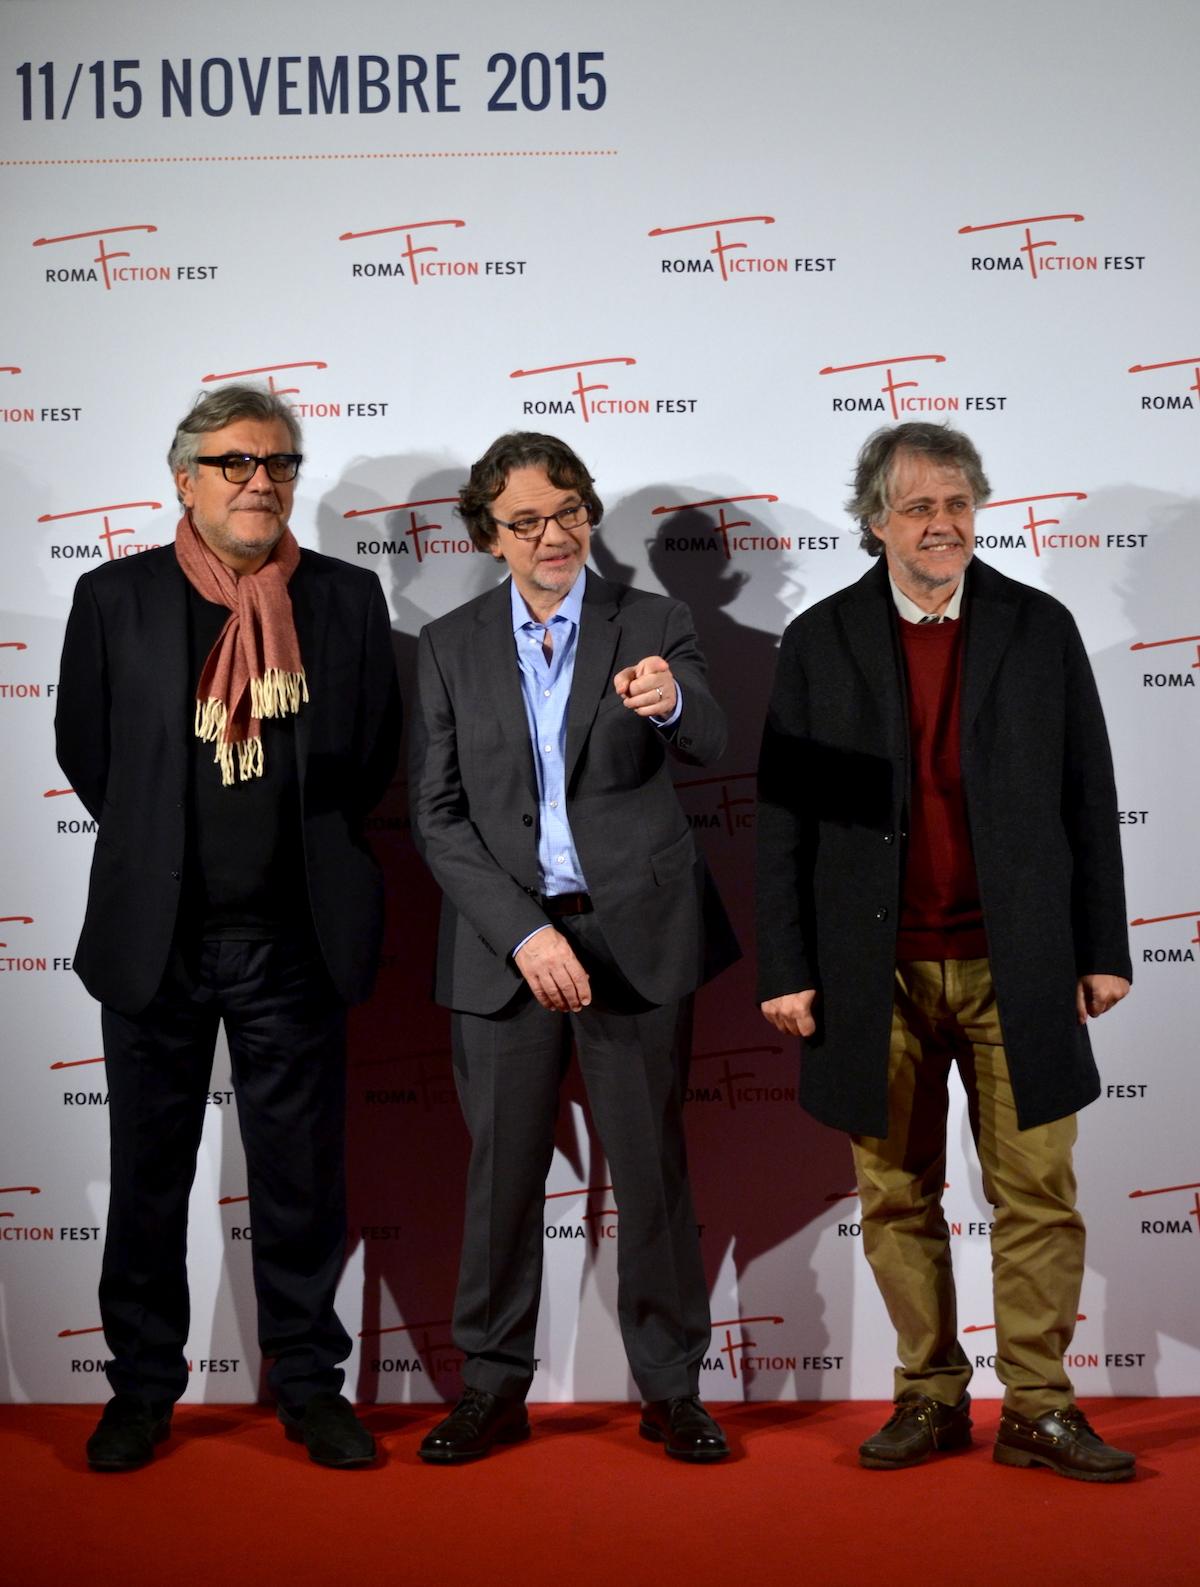 Roma Fiction Fest 2015: Frank Spotnitz insiema a Giancarlo De Cataldo e Andrea Porporati al photocall prima della masterclass